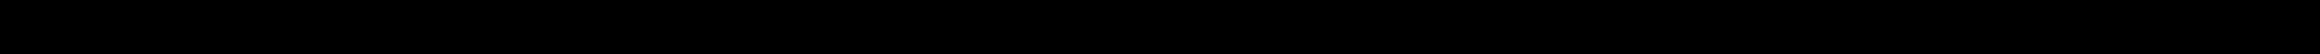 BOSS FILTERS 1 296 851, 1 393 640 Palivovy filtr